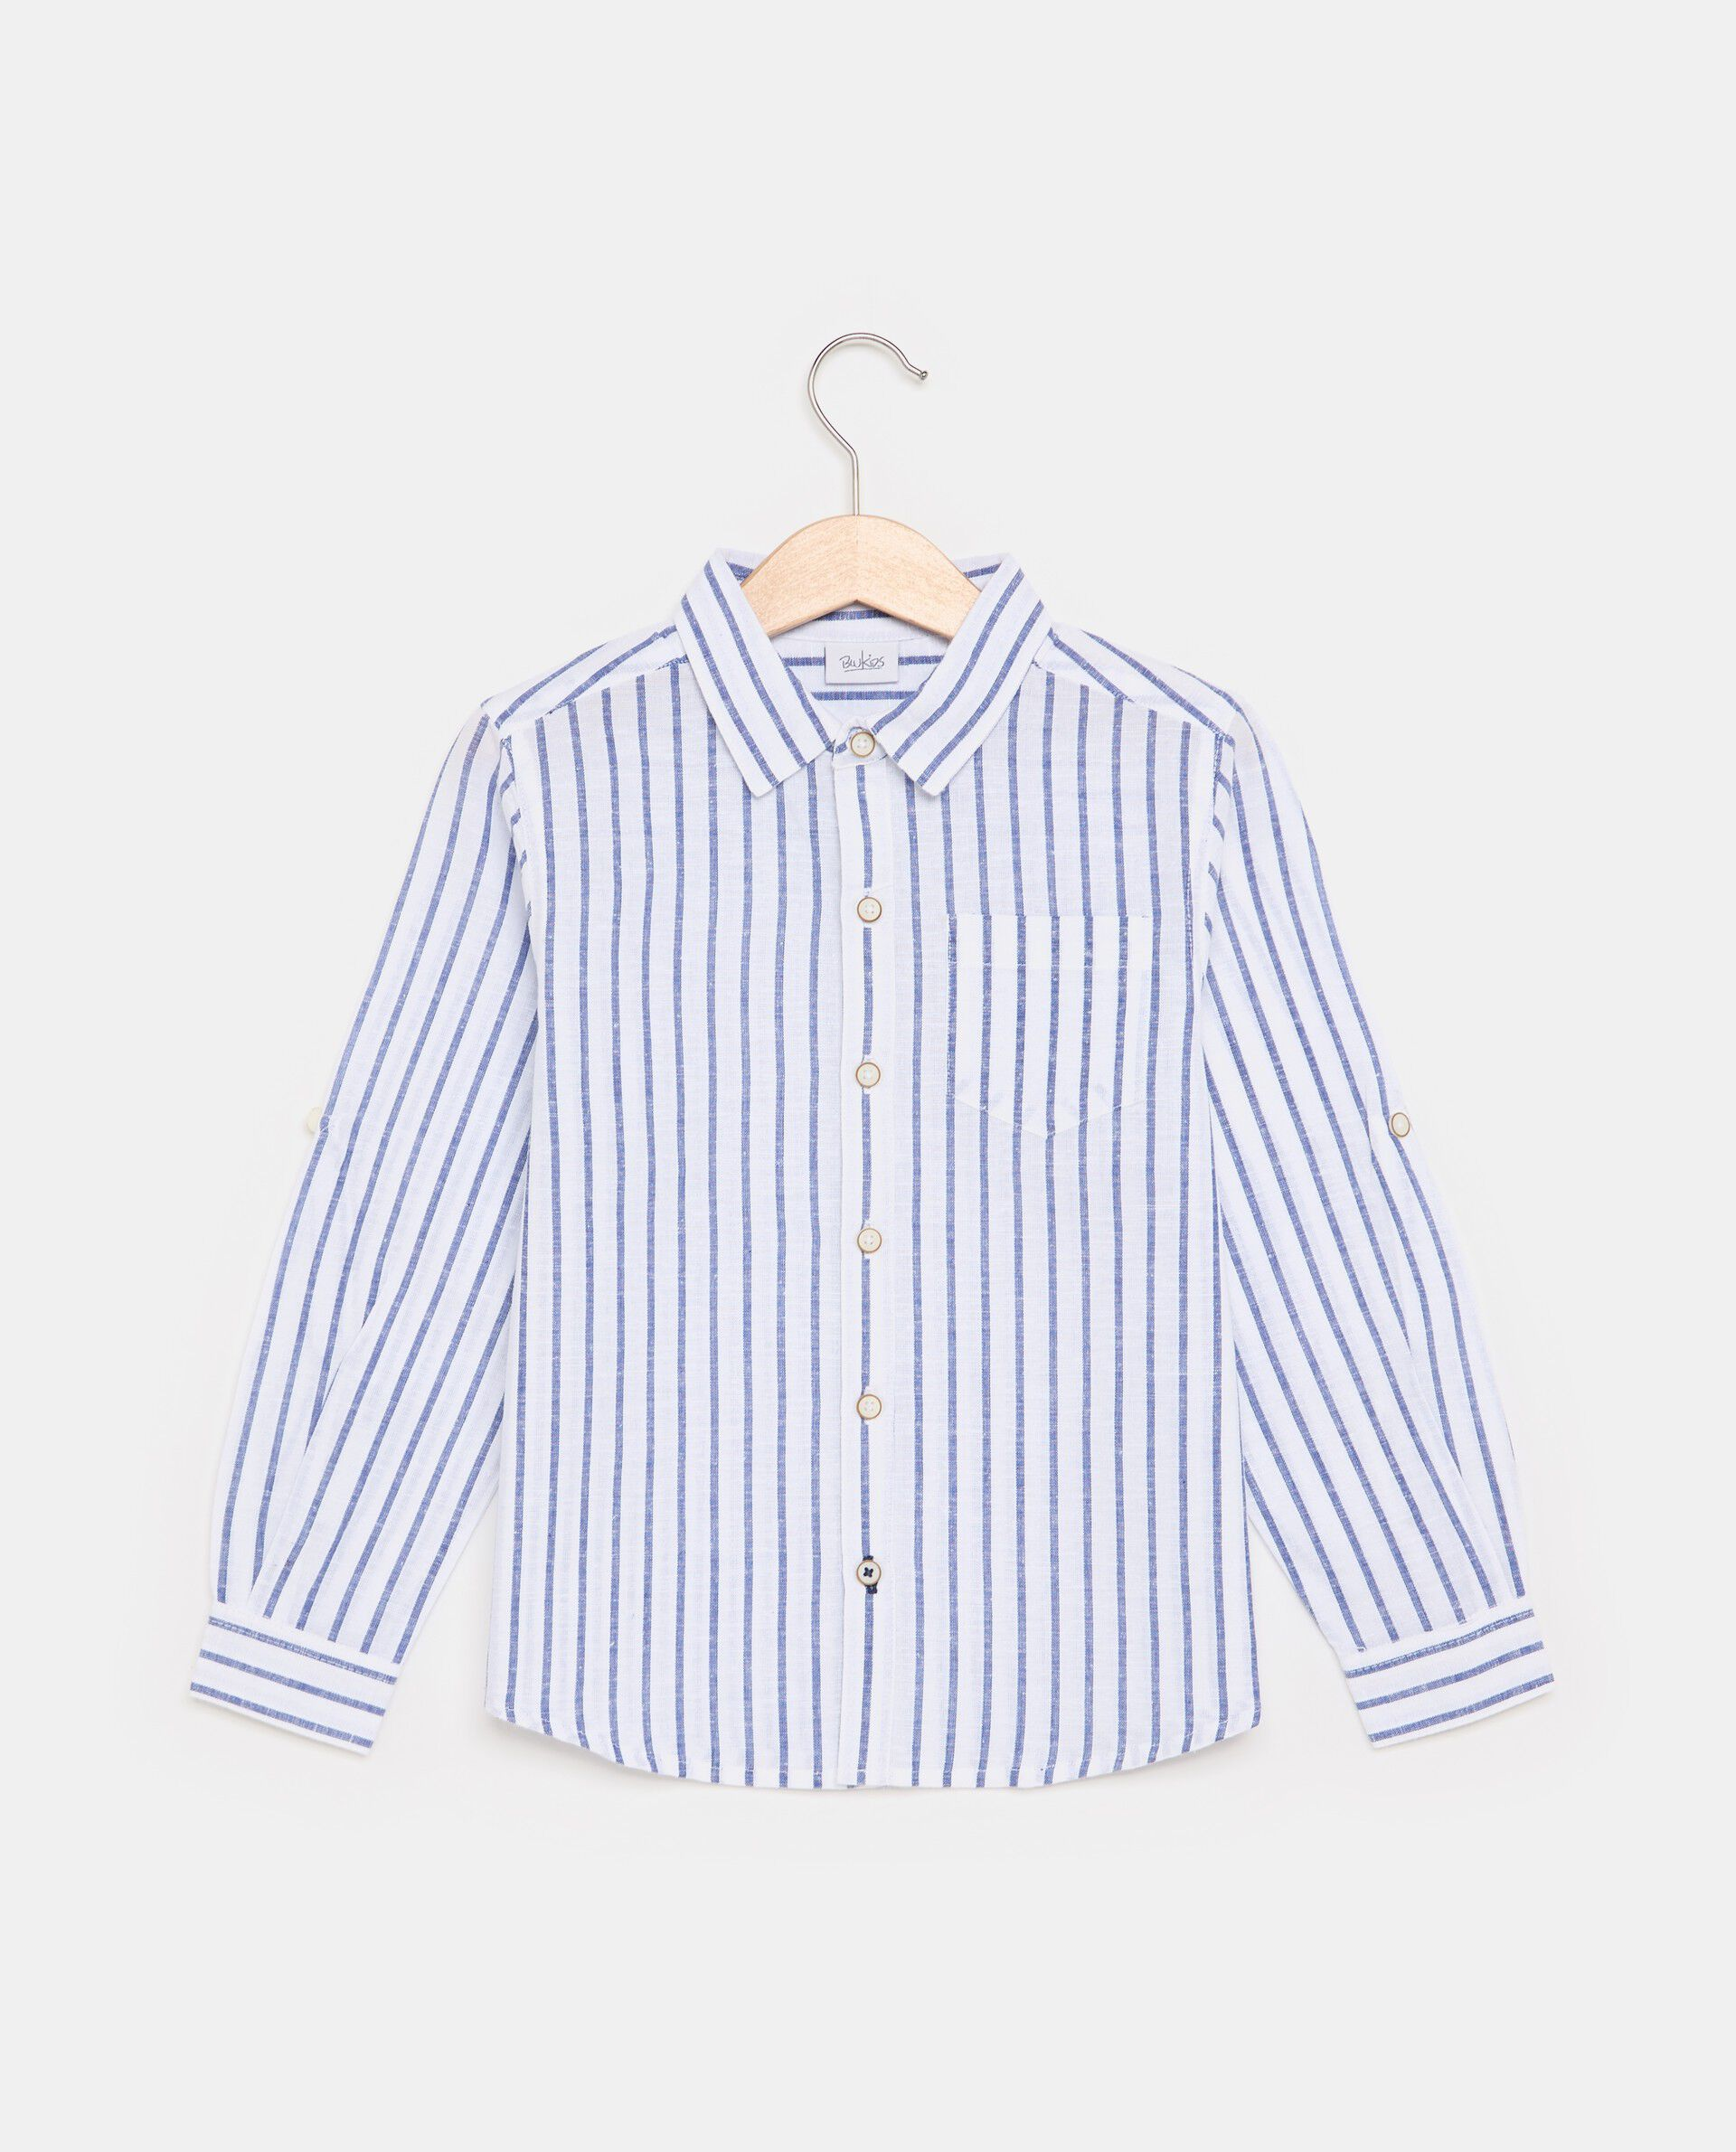 Camicia in cotone misto lino con motivo a righe bambino